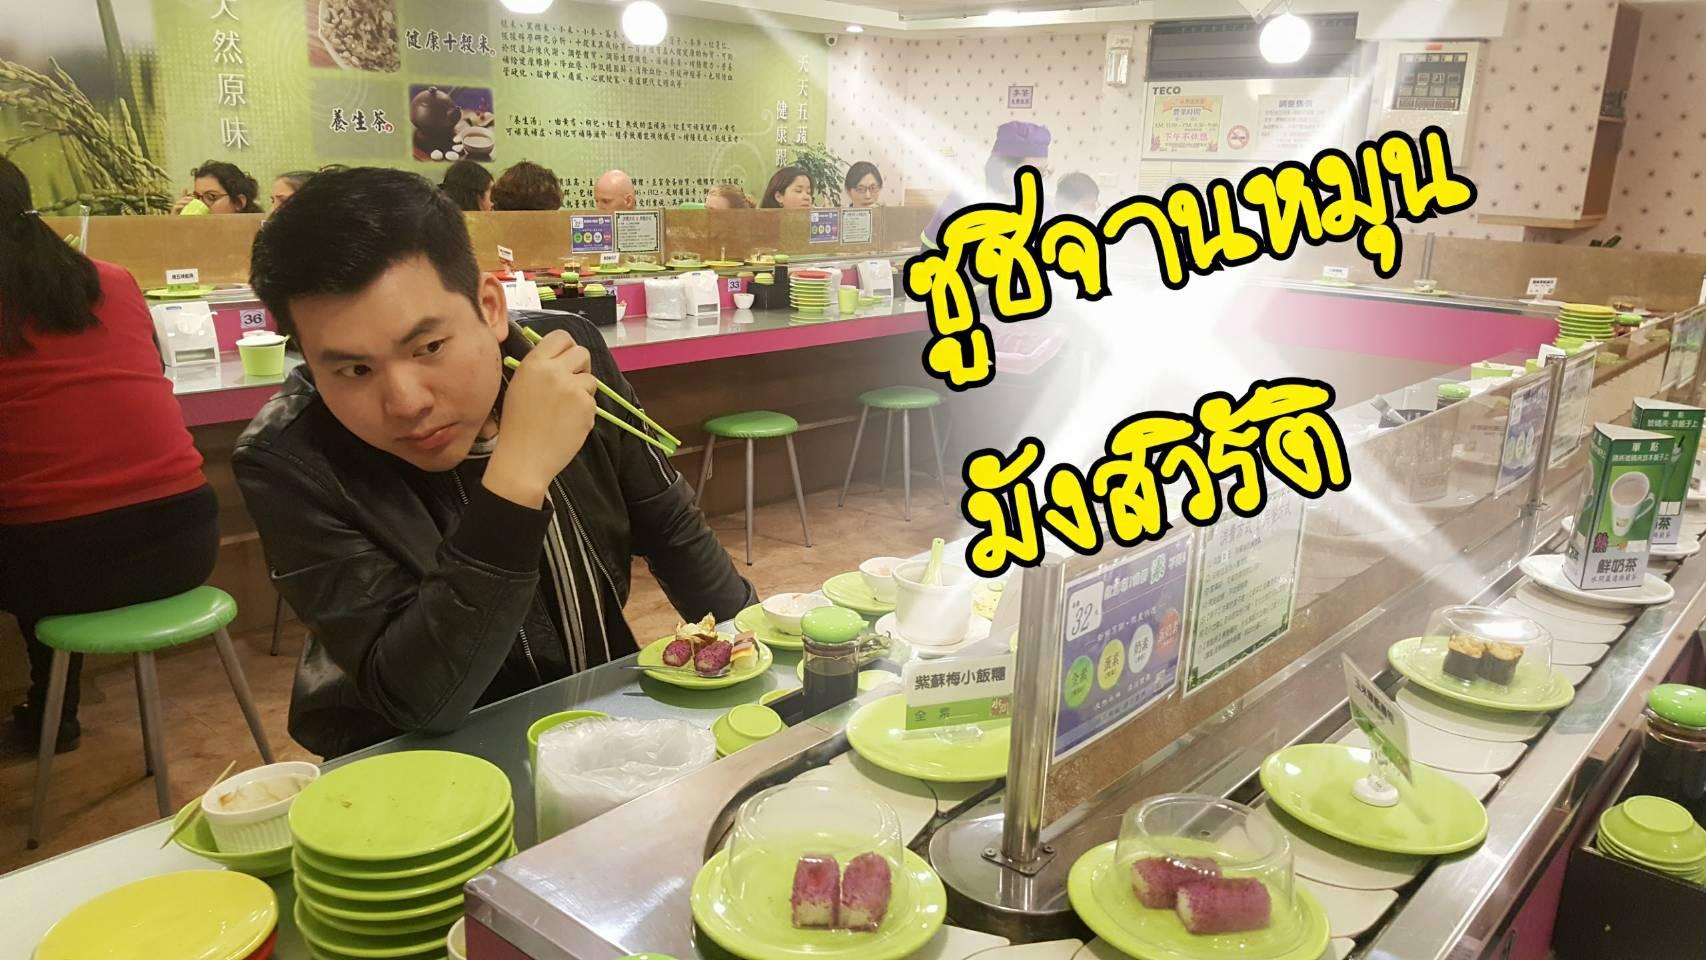 ซูชิจานหมุน มังสวิรัติ, ไทเป ไต้หวัน  ร้าน สุ่นเวิ่น ซูสือ ชันฝัง Shuiwen vegetarian restaurant